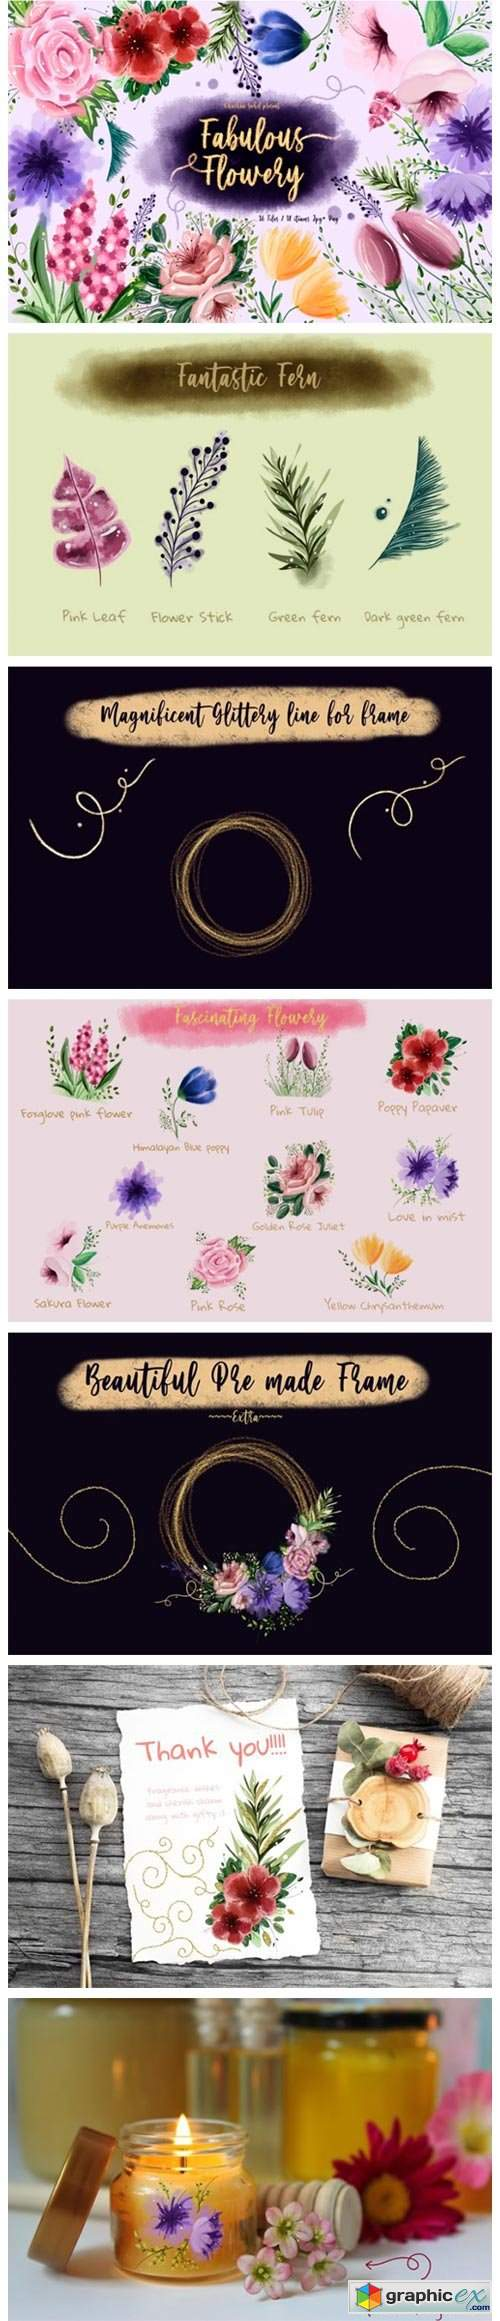 Fabulous Flowery